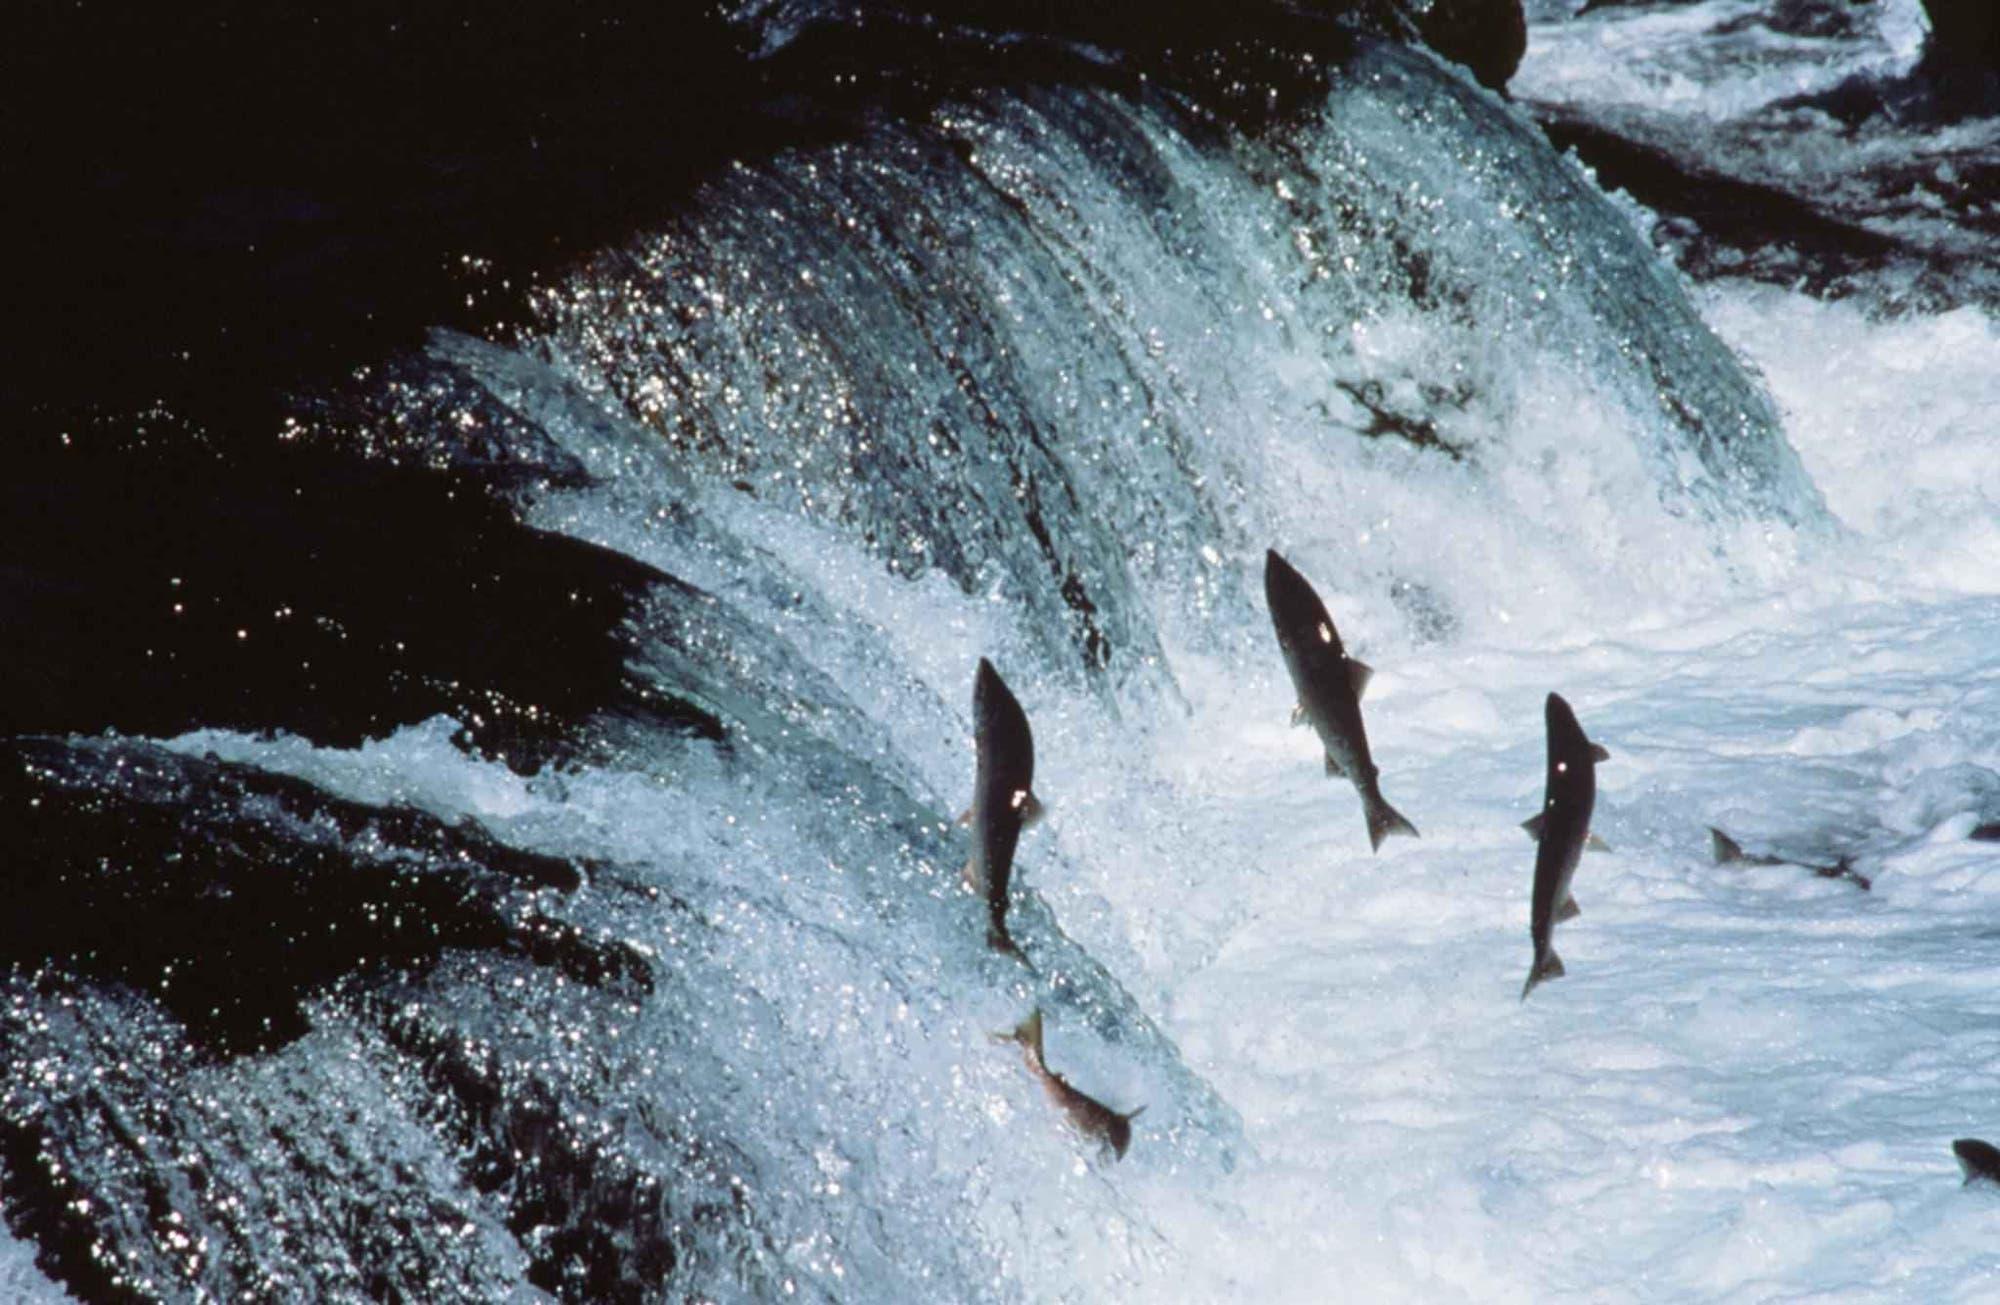 Ausgewachsene Lachse überwinden einen Wasserfall in Alaska